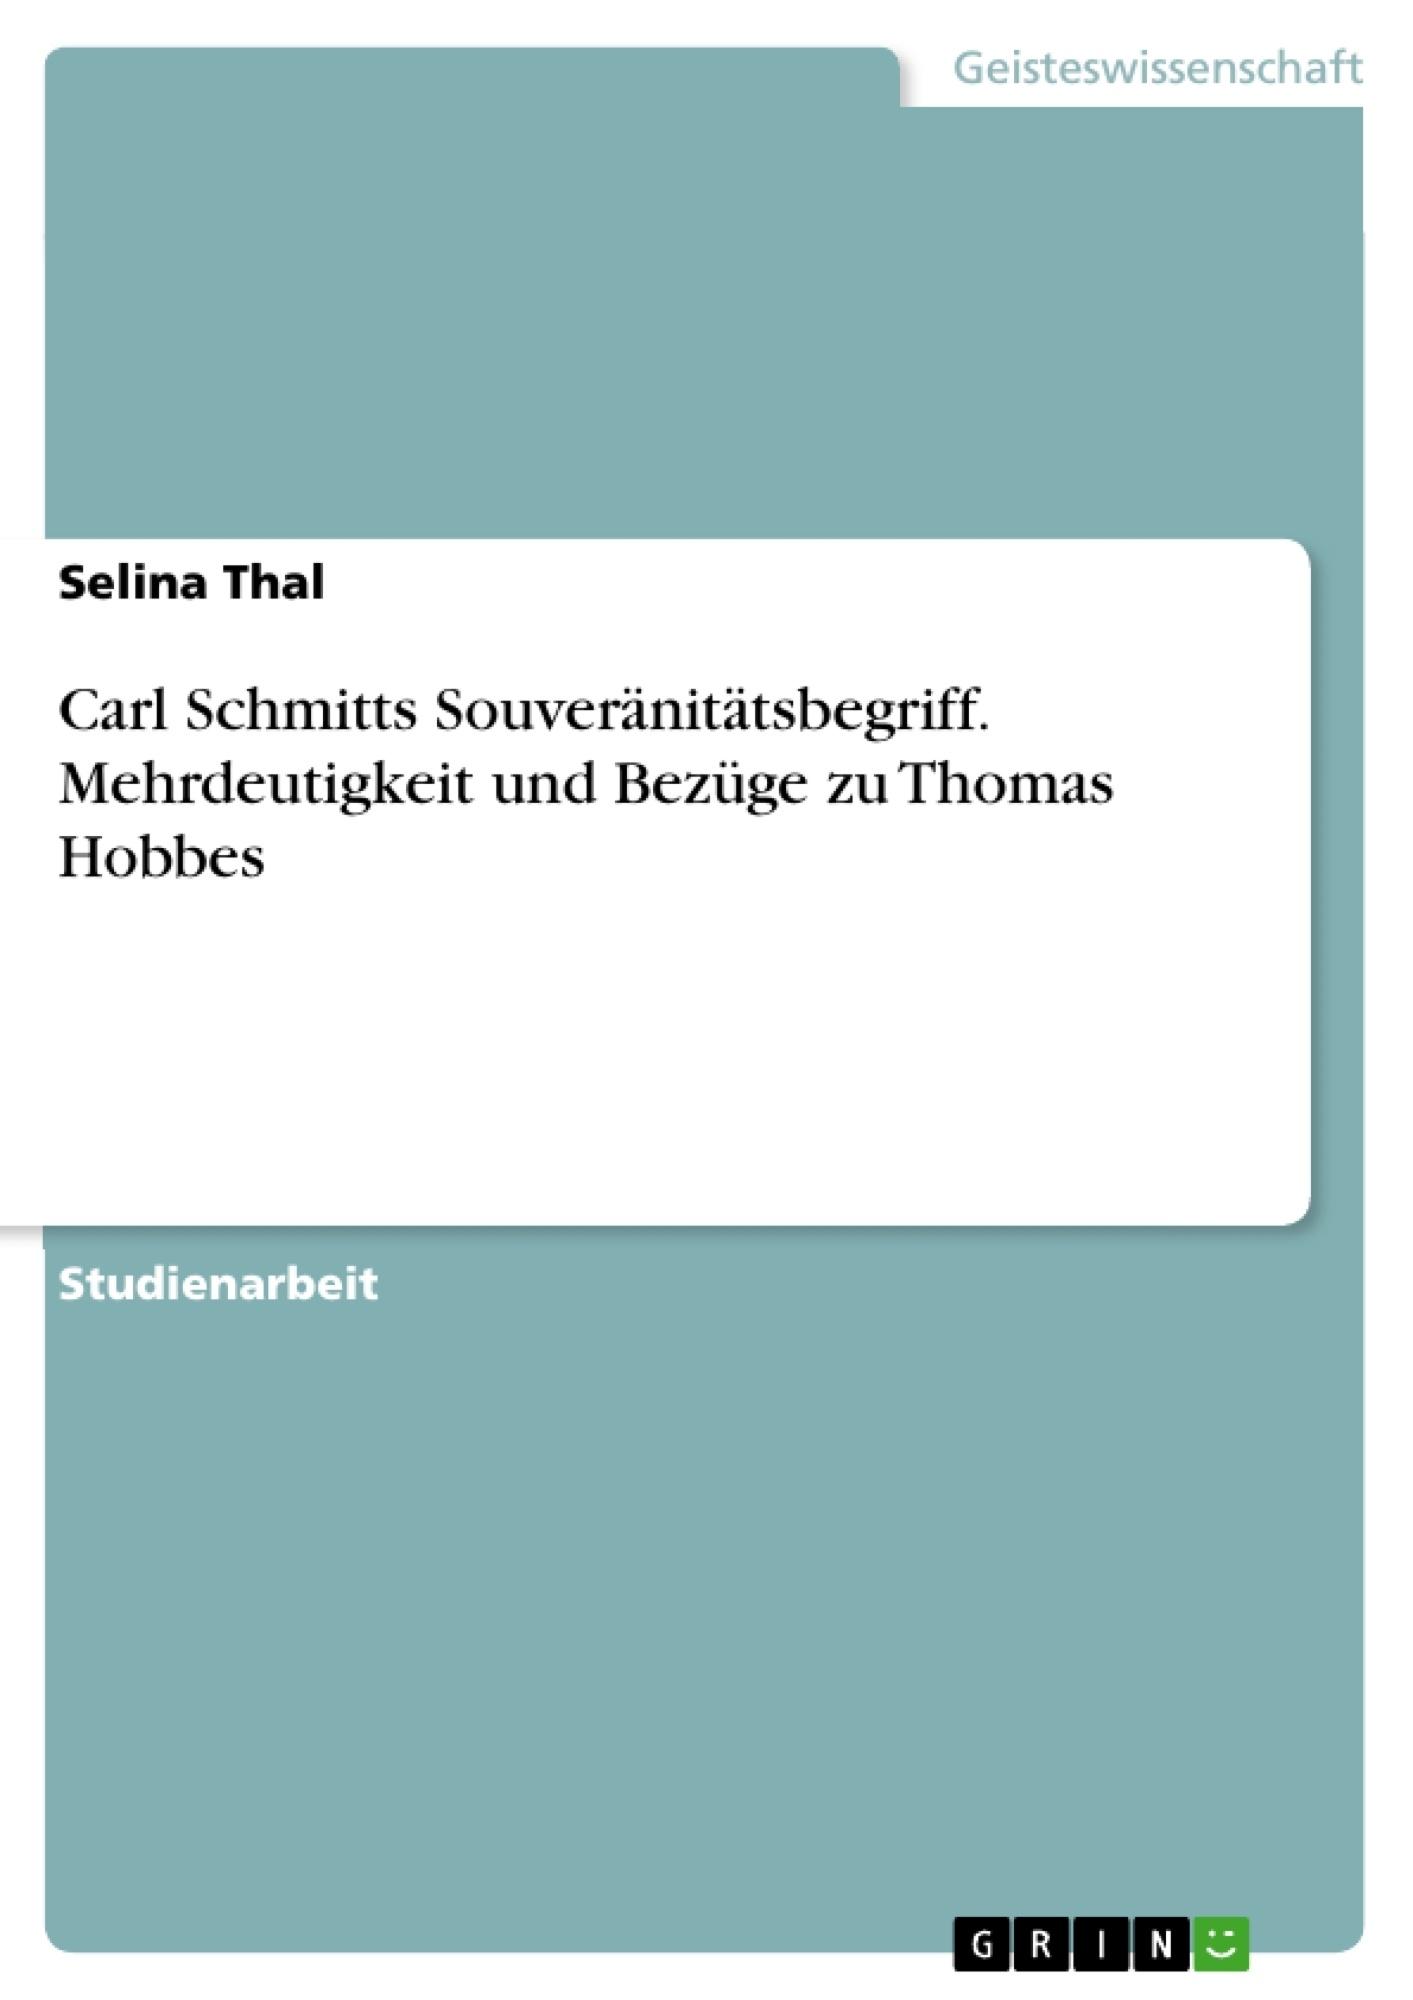 Titel: Carl Schmitts Souveränitätsbegriff. Mehrdeutigkeit und Bezüge zu Thomas Hobbes